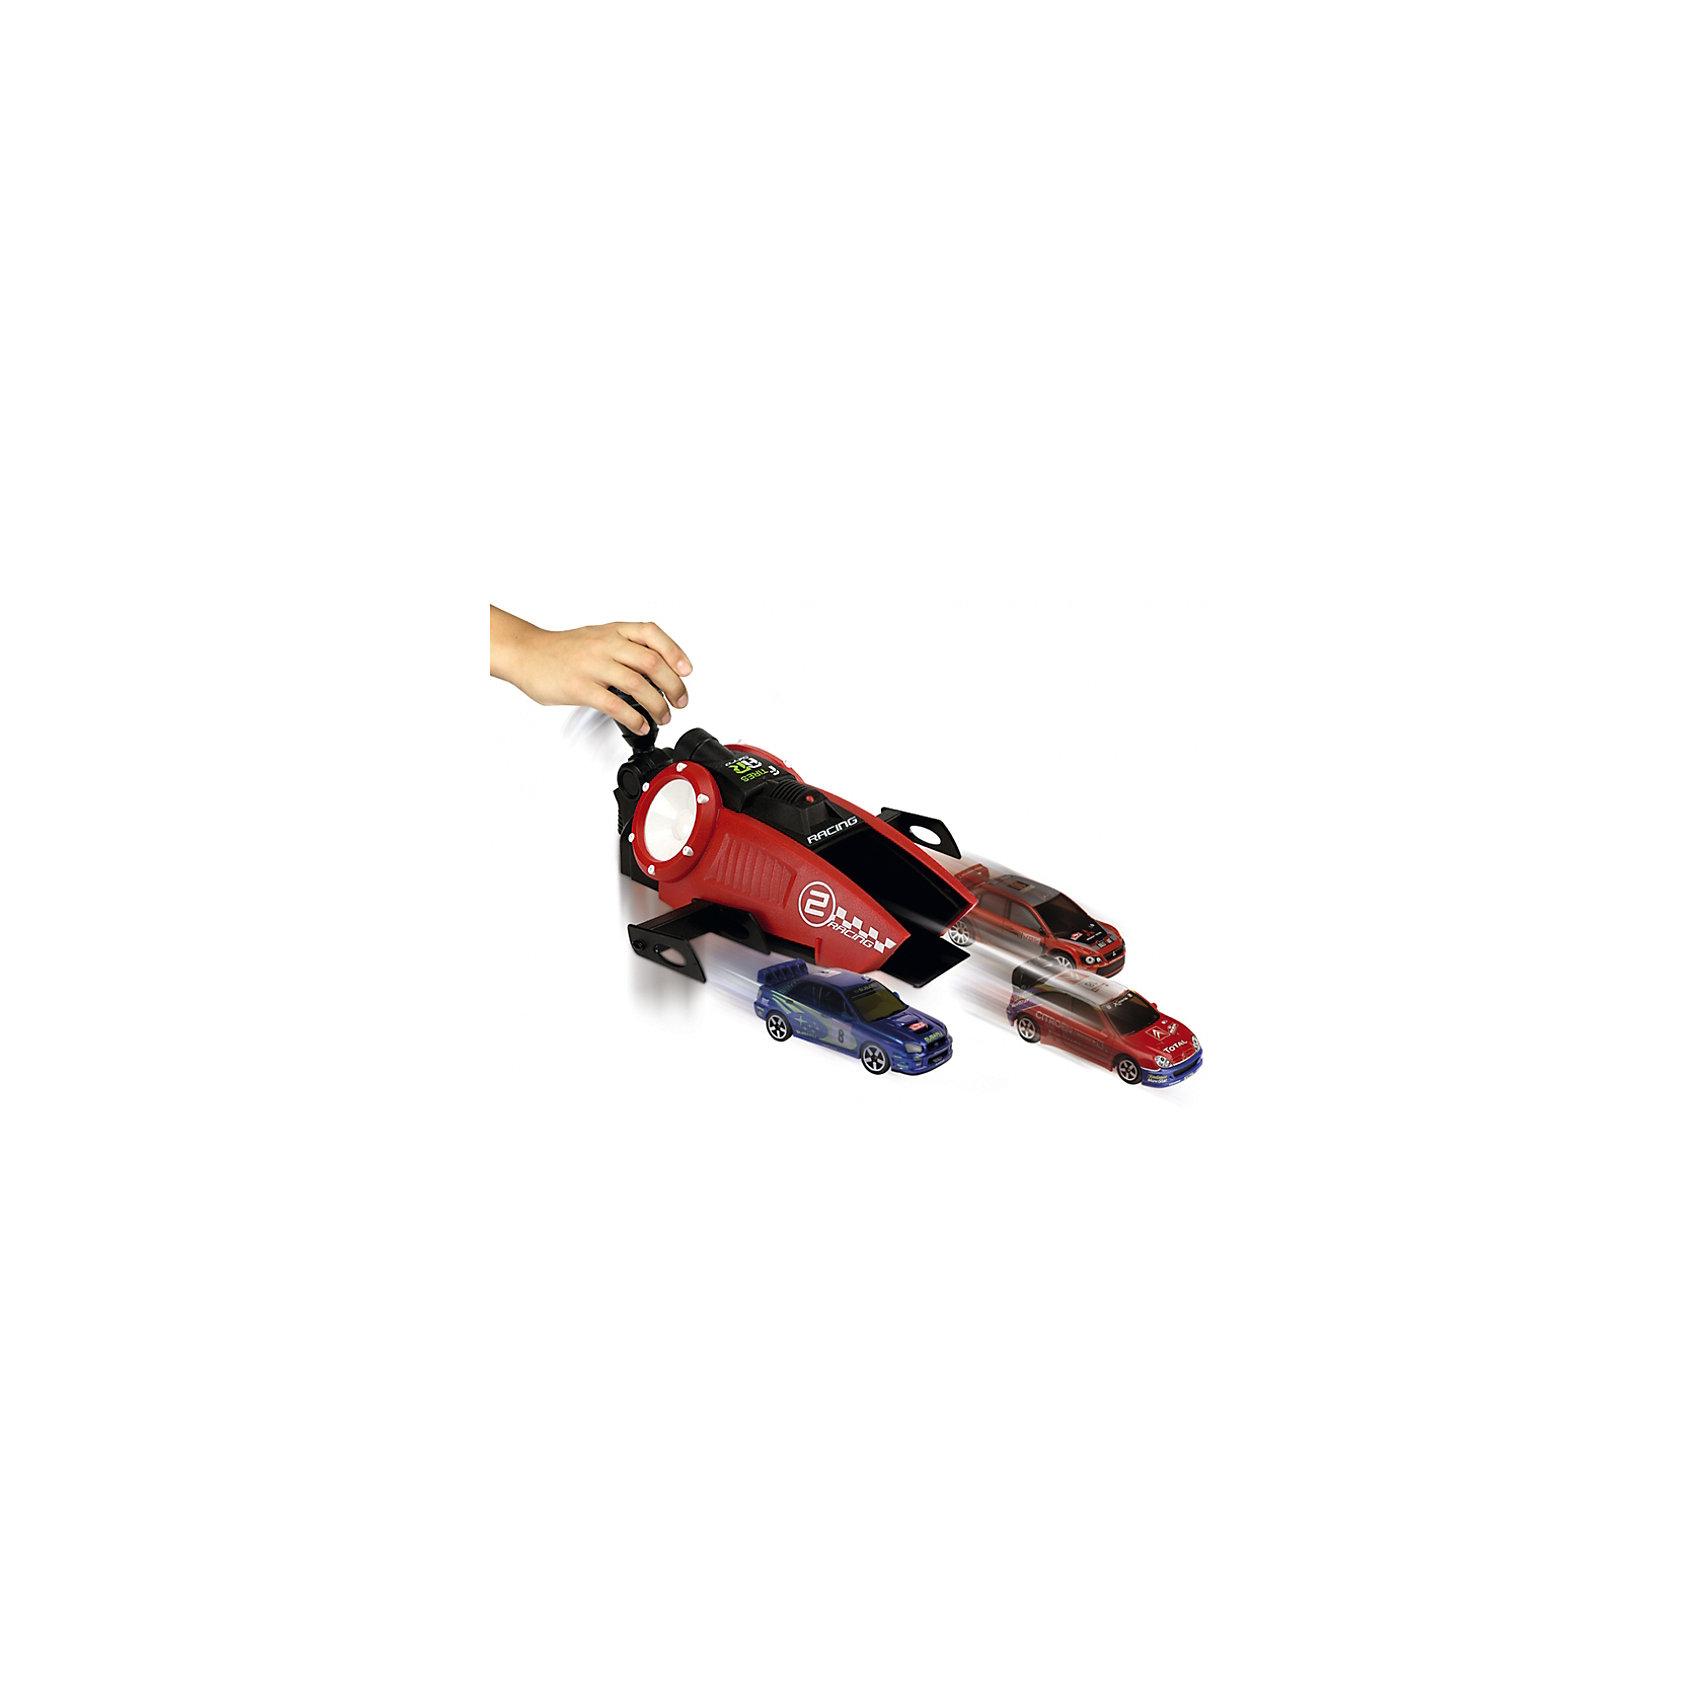 Турбо-ускоритель Рэйсинг + 3 машинки, 1:64, MajoretteИгровые наборы<br>Турбо-ускоритель Рэйсинг + 3 машинки, 1:64, Majorette (Мажоретте) - это прекрасный подарок маленькому любителю гонок.<br>С этим набором ребенок сможет устраивать гонки одновременно с тремя автомобилями. В комплекте малыш получит 3 миниатюрные модели известных гоночных автомобилей и прибор, который придаст ускорение этим машинкам. Один автомобильчик ставится в центральный паз, а два другие – по бокам на своеобразные крылья. Нажав на ручку, ребенок приводит в действие принцип рычага, и автомобили устремятся вперед с космической скоростью. Дизайн ускорителя порадует мальчишек, ведь и само устройство выглядит как гоночный автомобиль. Игра с машинками вырабатывает ловкость и слаженность движений, сноровку и координацию, развивает мелкую моторику пальцев рук и фантазию ребенка.<br><br>Дополнительная информация:<br><br>- В комплекте: турбо-ускоритель, 3 машинки<br>- Размер машинки: 7,5 х 2,5 х 3 см.<br>- Размер пускового устройства: 18 х 8 х 22 см.<br>- Масштаб: 1:64.<br>- Материал: высококачественный пластик, металл<br>- Размер упаковки: 26,5 х 10 х 26,2 см.<br><br>Турбо-ускоритель Рэйсинг + 3 машинки, 1:64, Majorette (Мажоретте) можно купить в нашем интернет-магазине.<br><br>Ширина мм: 265<br>Глубина мм: 262<br>Высота мм: 100<br>Вес г: 390<br>Возраст от месяцев: 36<br>Возраст до месяцев: 1164<br>Пол: Мужской<br>Возраст: Детский<br>SKU: 2144434